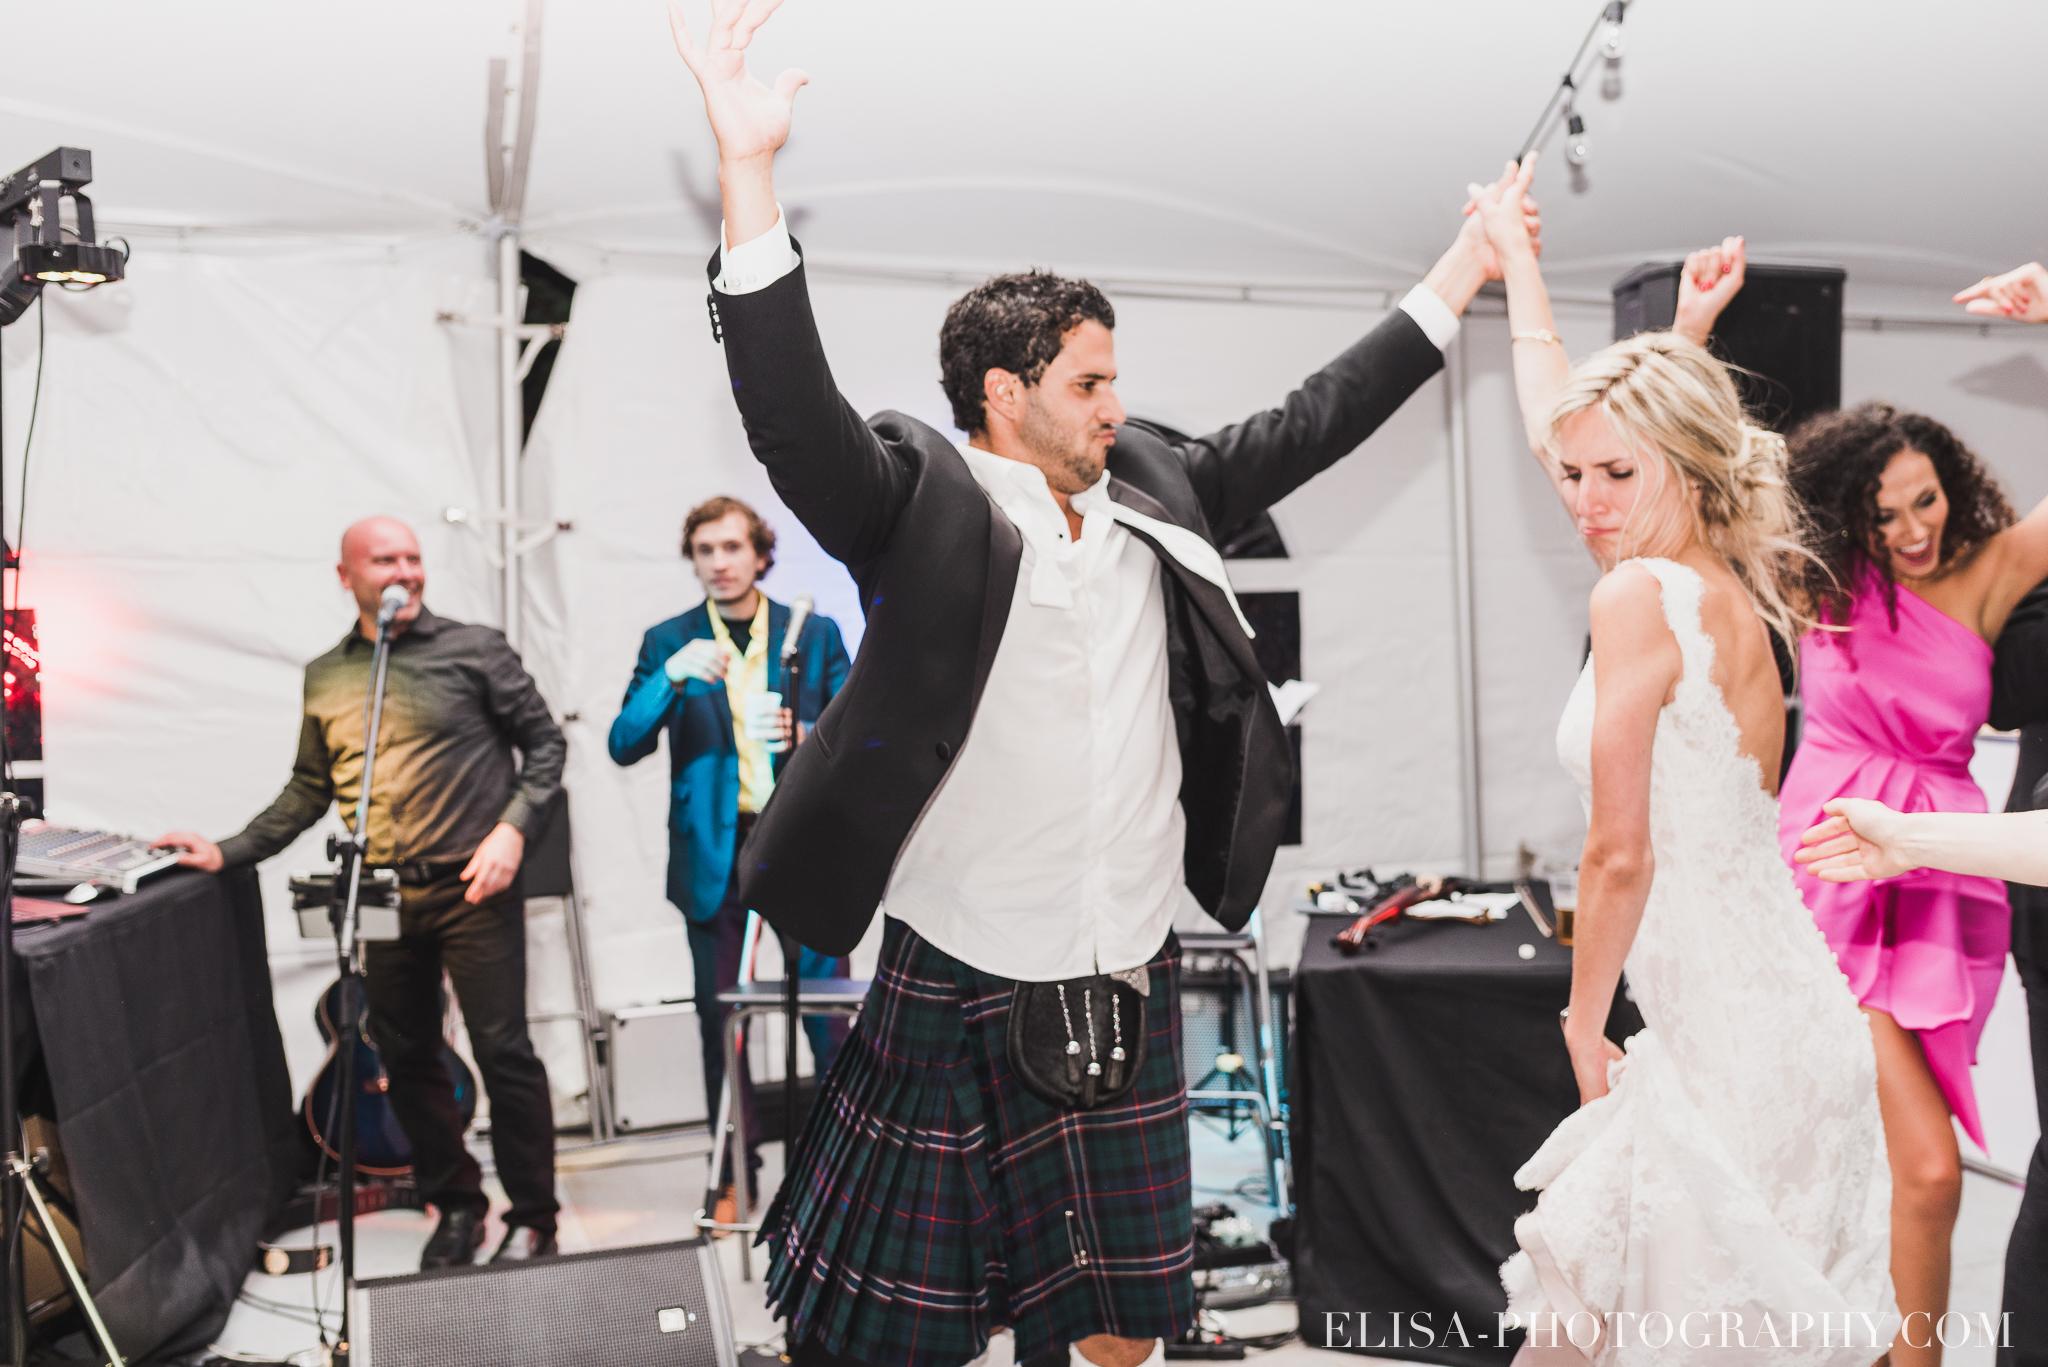 photo mariage reception fete danse projecteur chapiteau chic ville de quebec domaine prive estate bord de l eau 5573 - Mariage sur un domaine privé au bord de l'eau: Emmanuelle & Marc-Antoine